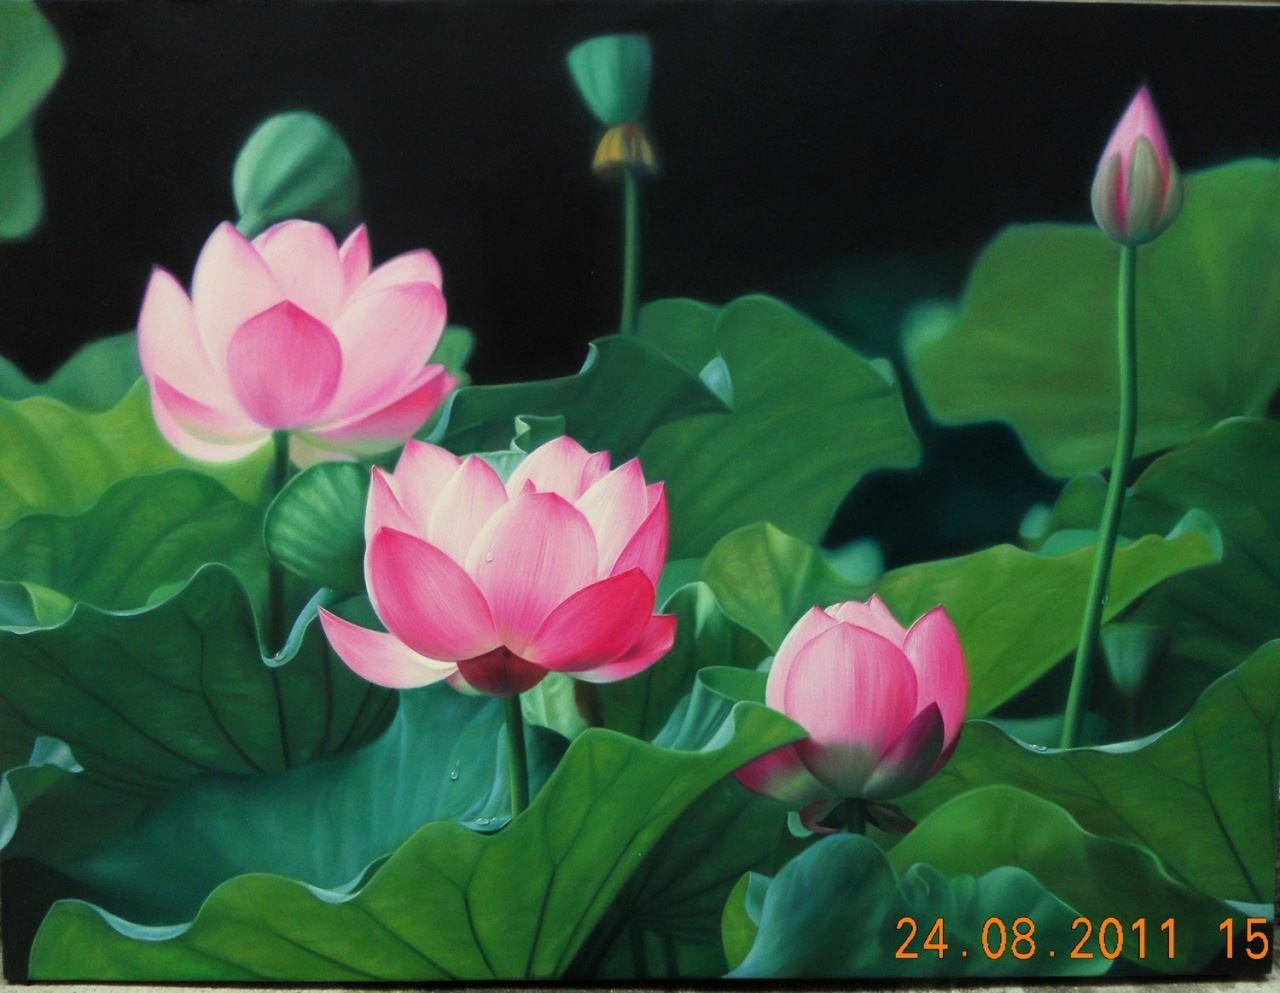 tranh son dau hoa sen 1